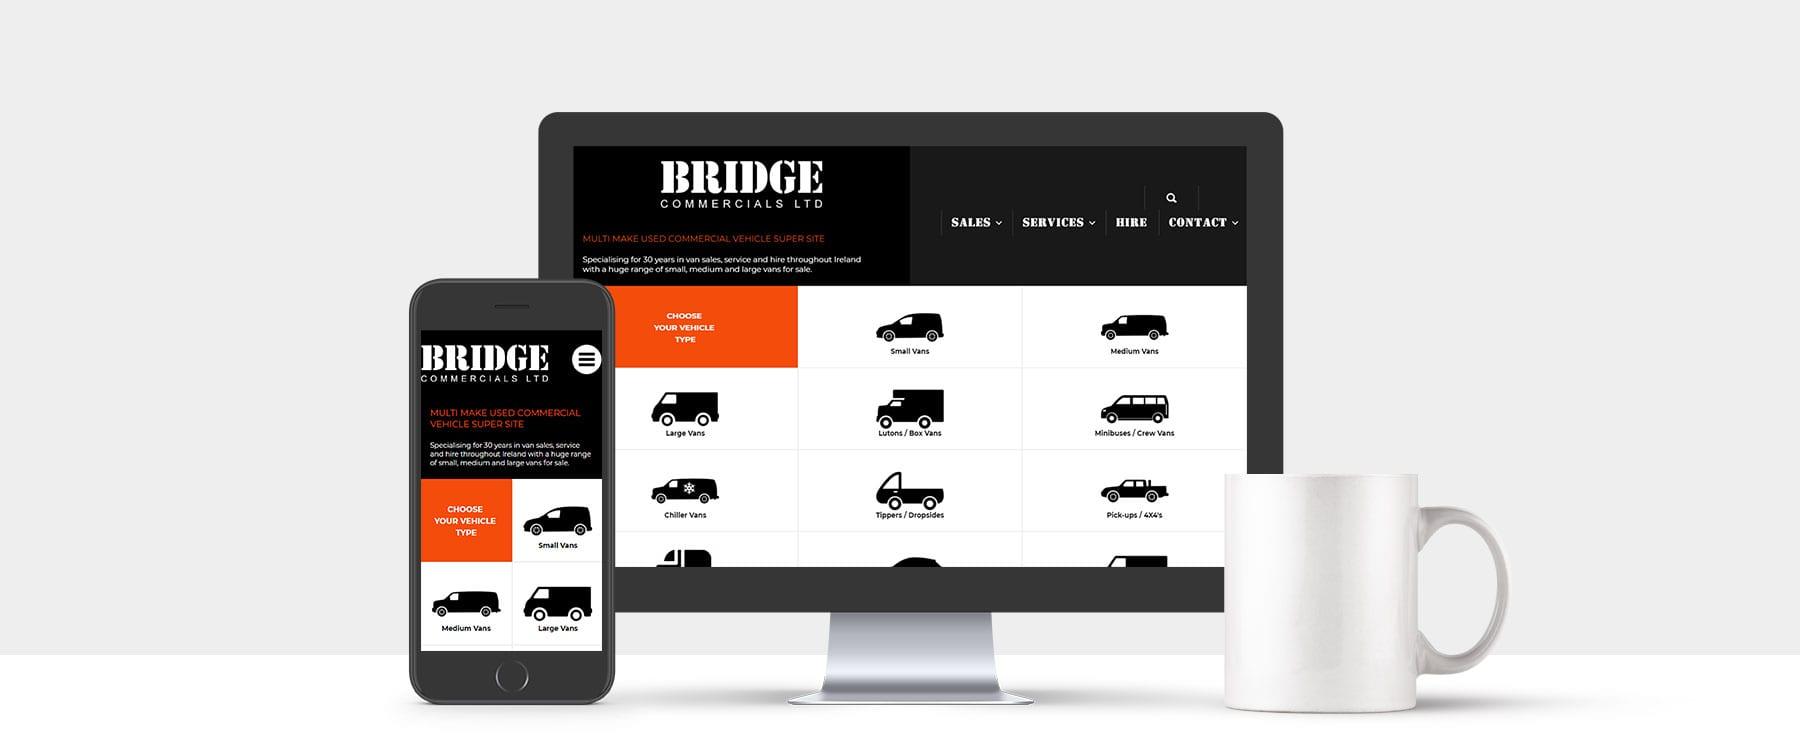 Leading Van Sales Specialist Bridge Commercials Ltd Launch New Website Image